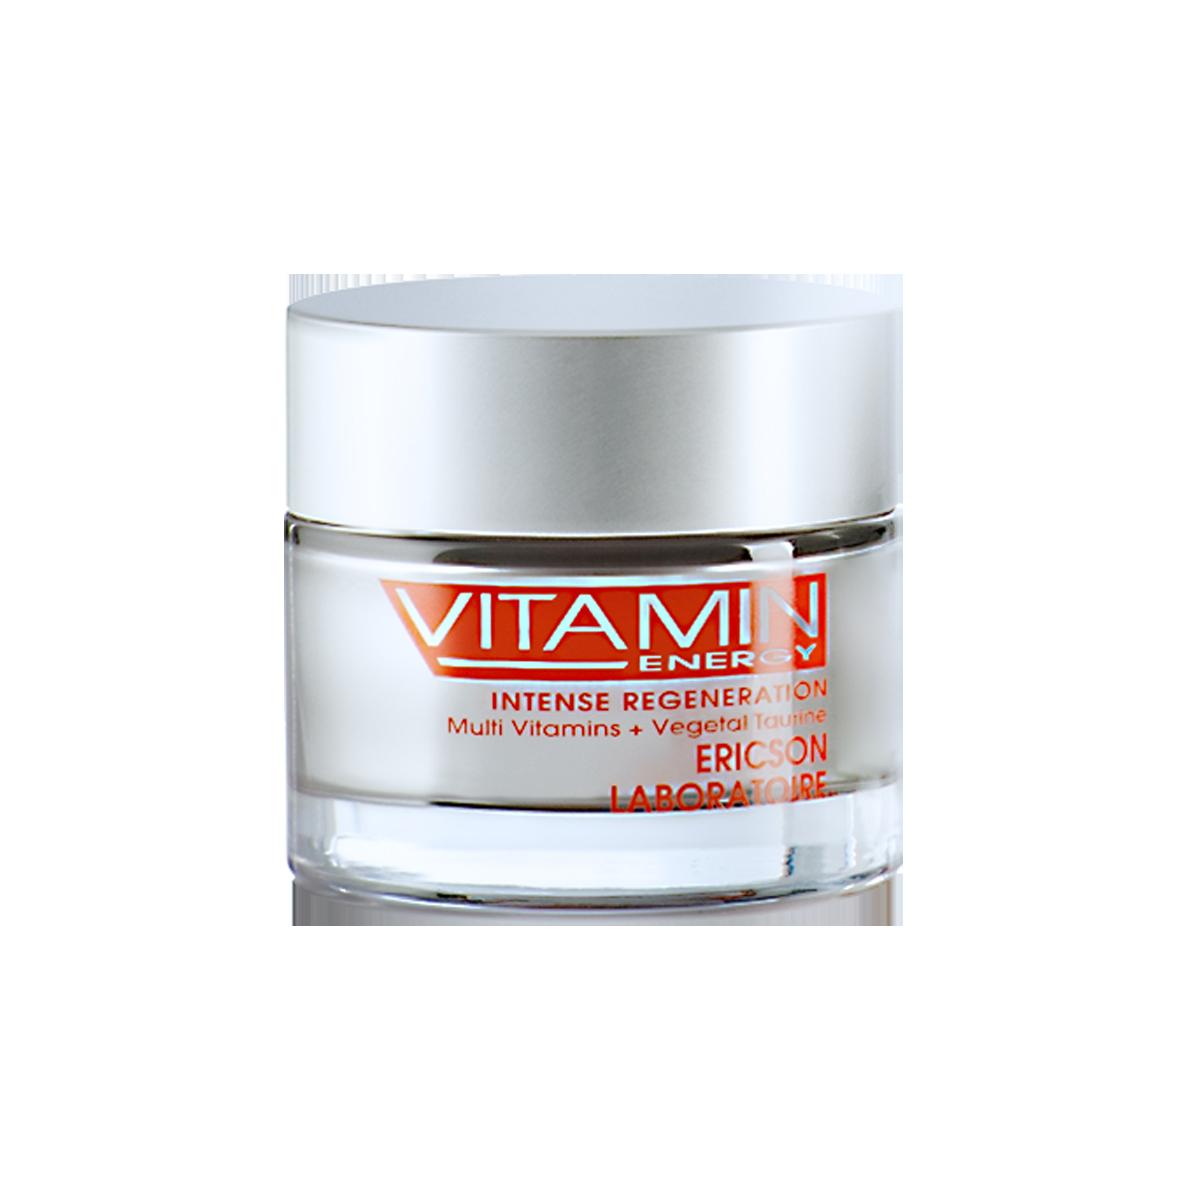 VITAMIN E1865 Intense Regeneration Cream